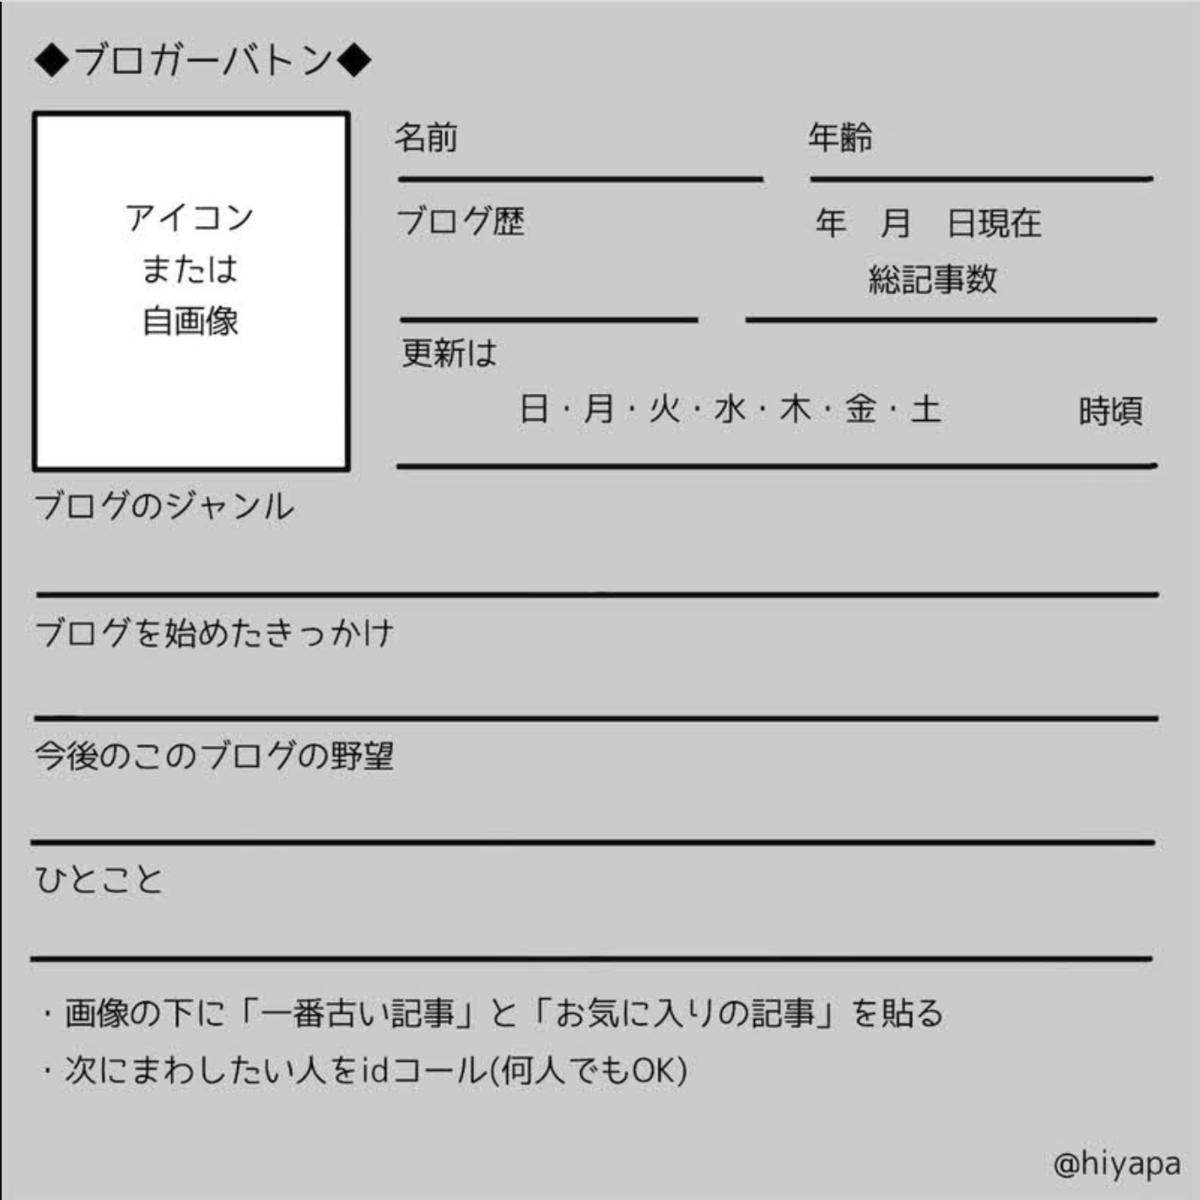 f:id:sekitoba1007:20200706212857p:plain